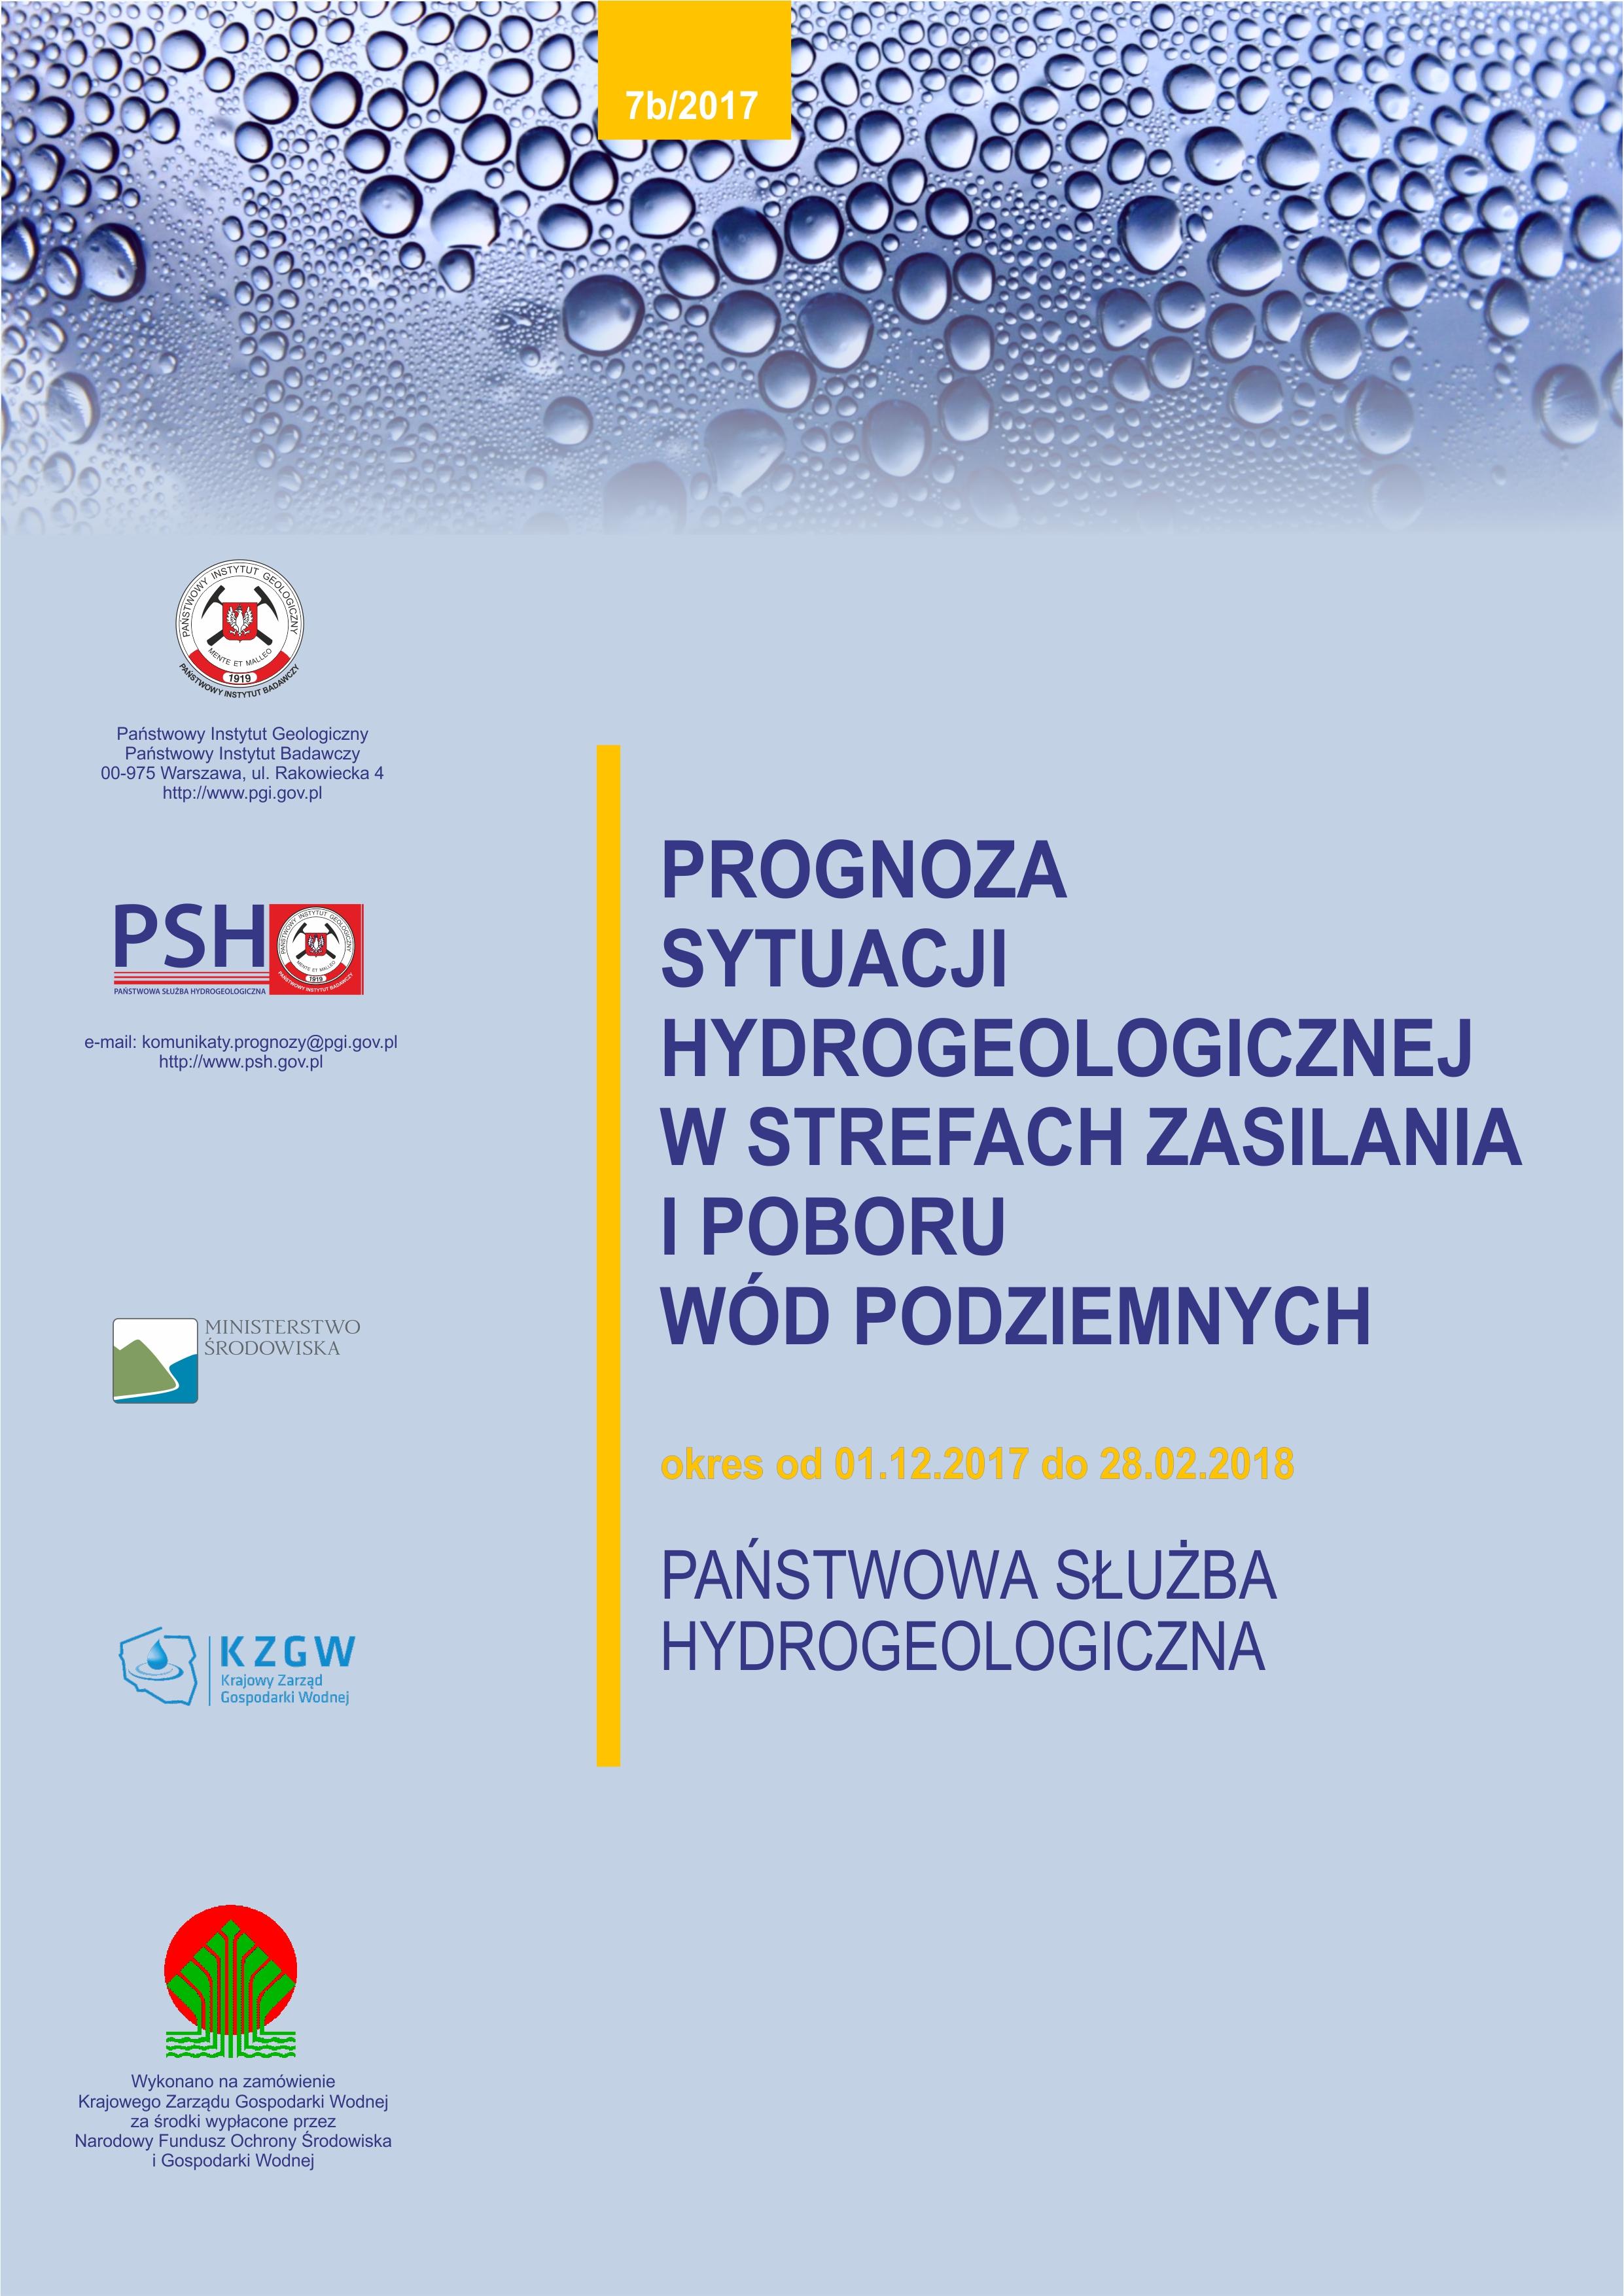 Prognoza sytuacji hydrogeologicznej w strefach zasilania i poboru wód podziemnych 01.12.2017- 28.02.2018